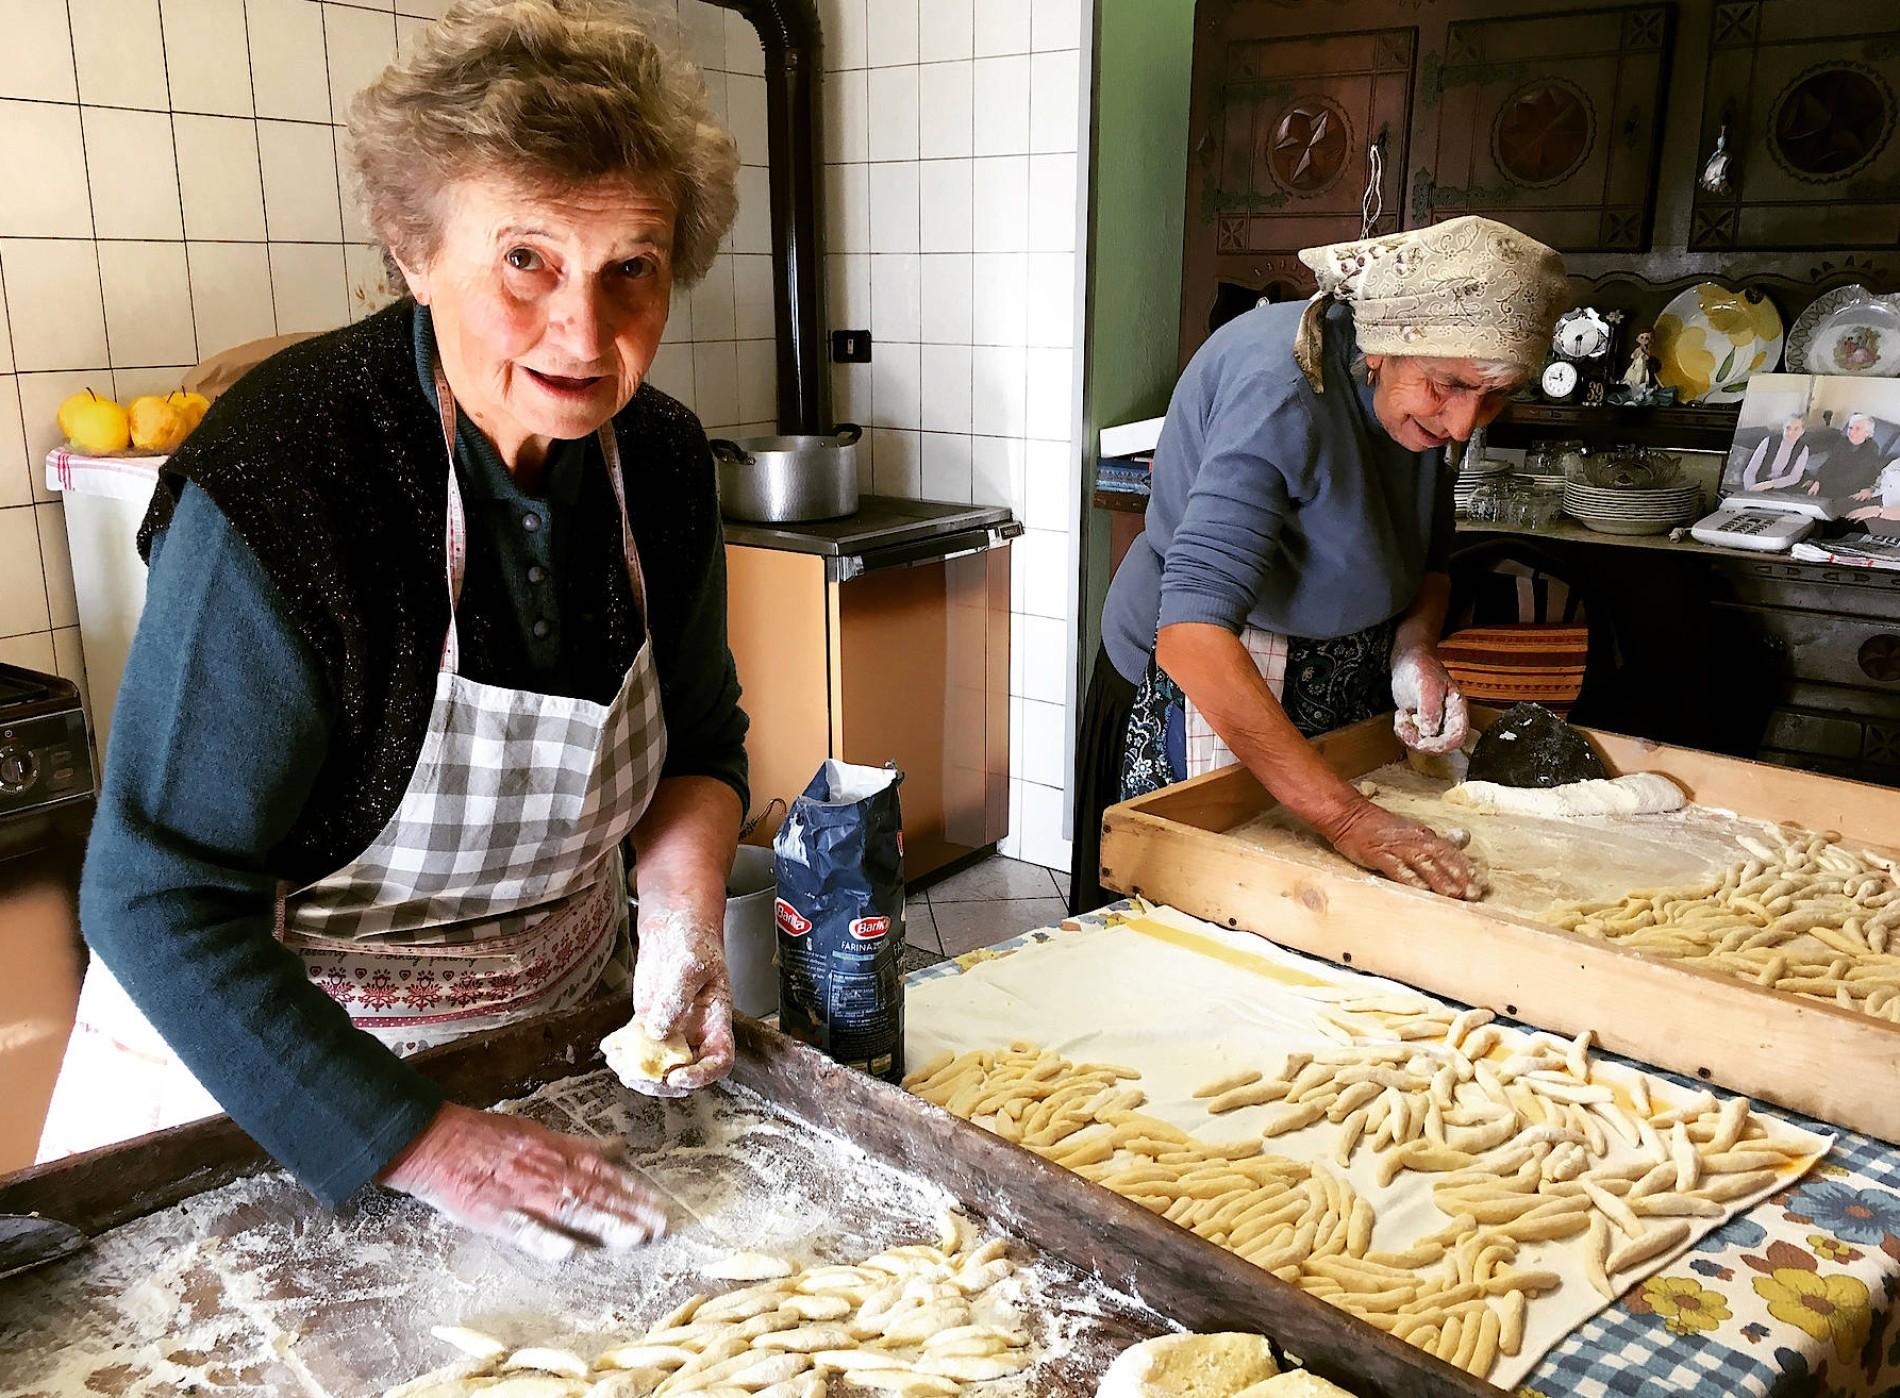 Seite 3 - Omas Küche als Geschäftsmodell